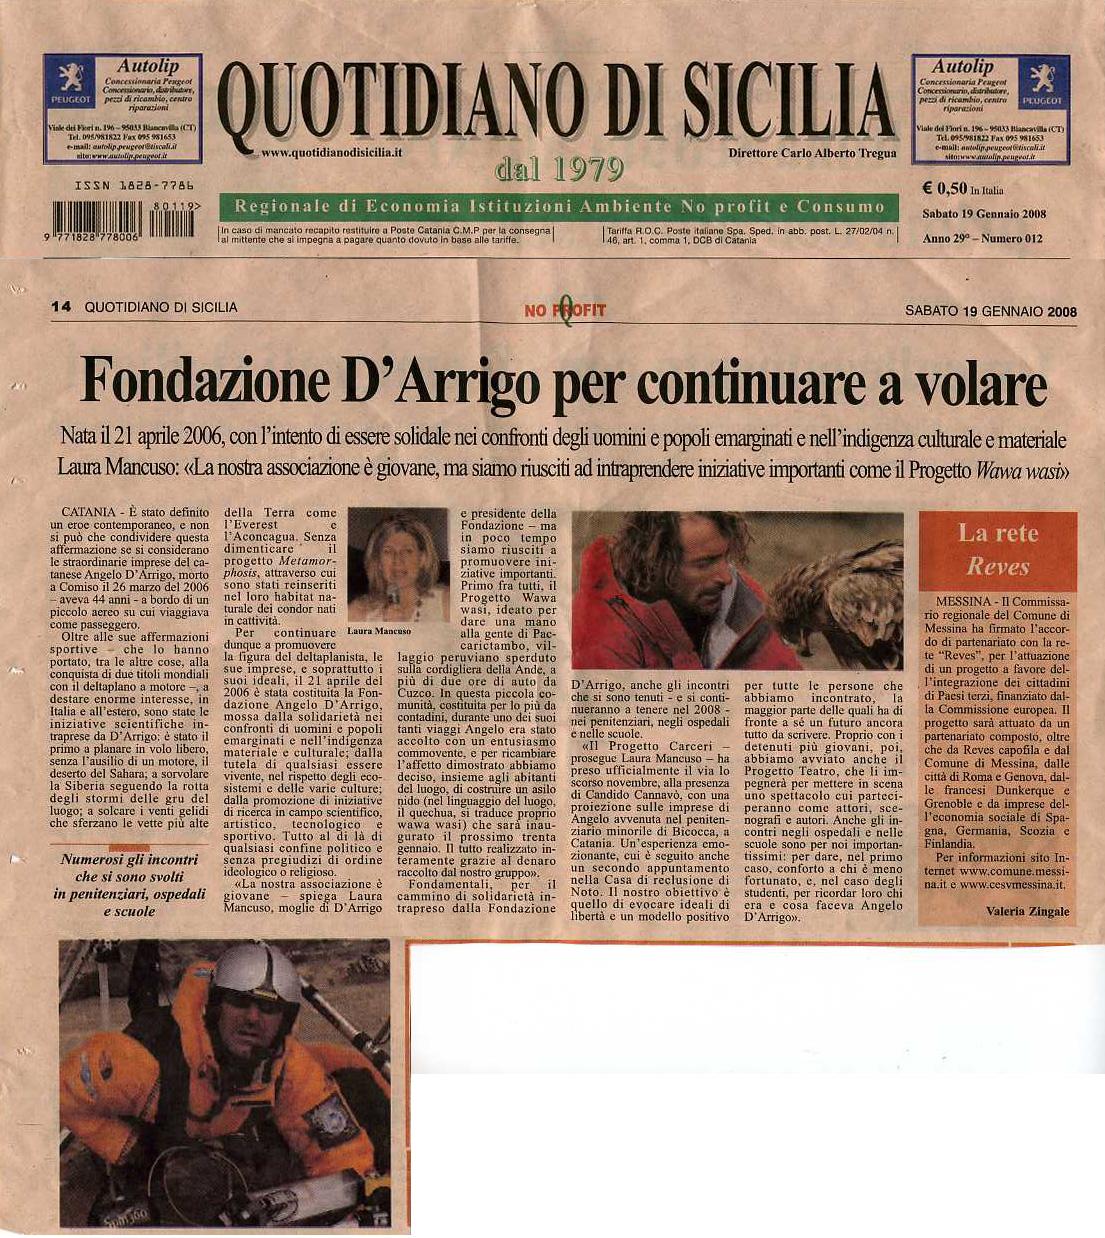 Quotidiano di Sicilia 19 gennaio 2008 articolo